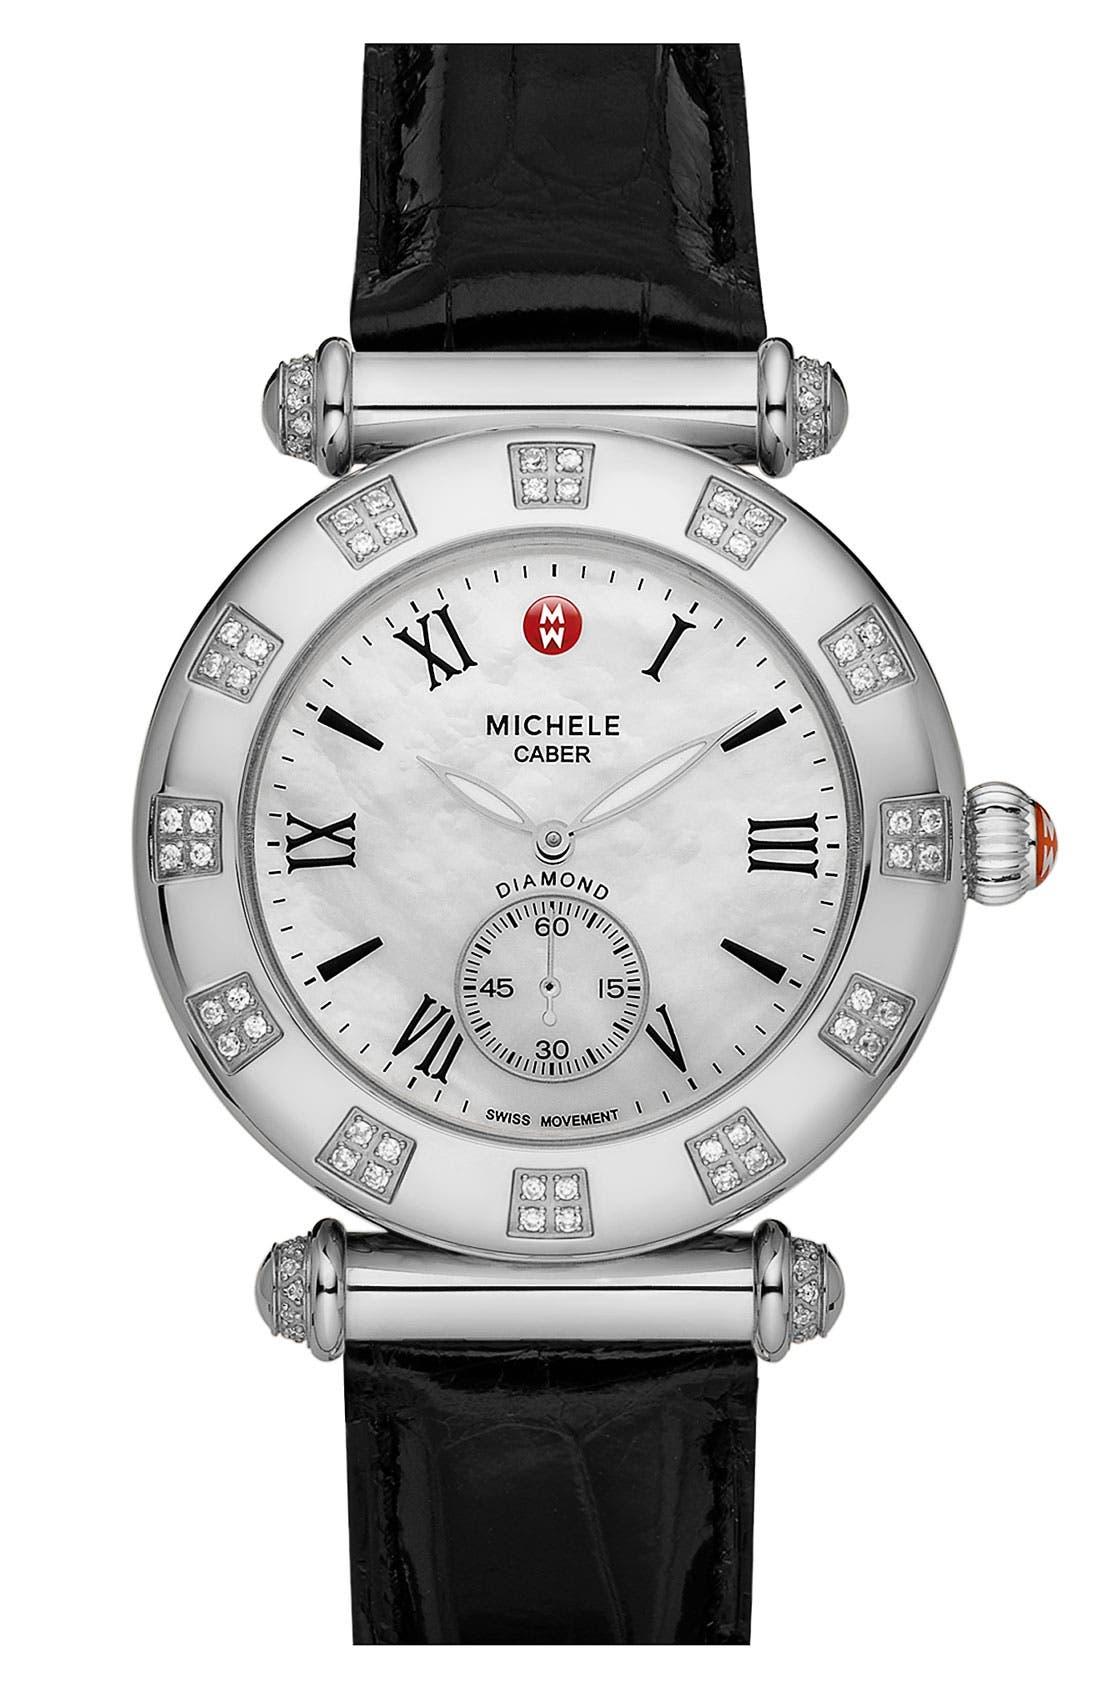 MICHELE 'Caber Atlas' Diamond Customizable Watch,                         Main,                         color, Silver